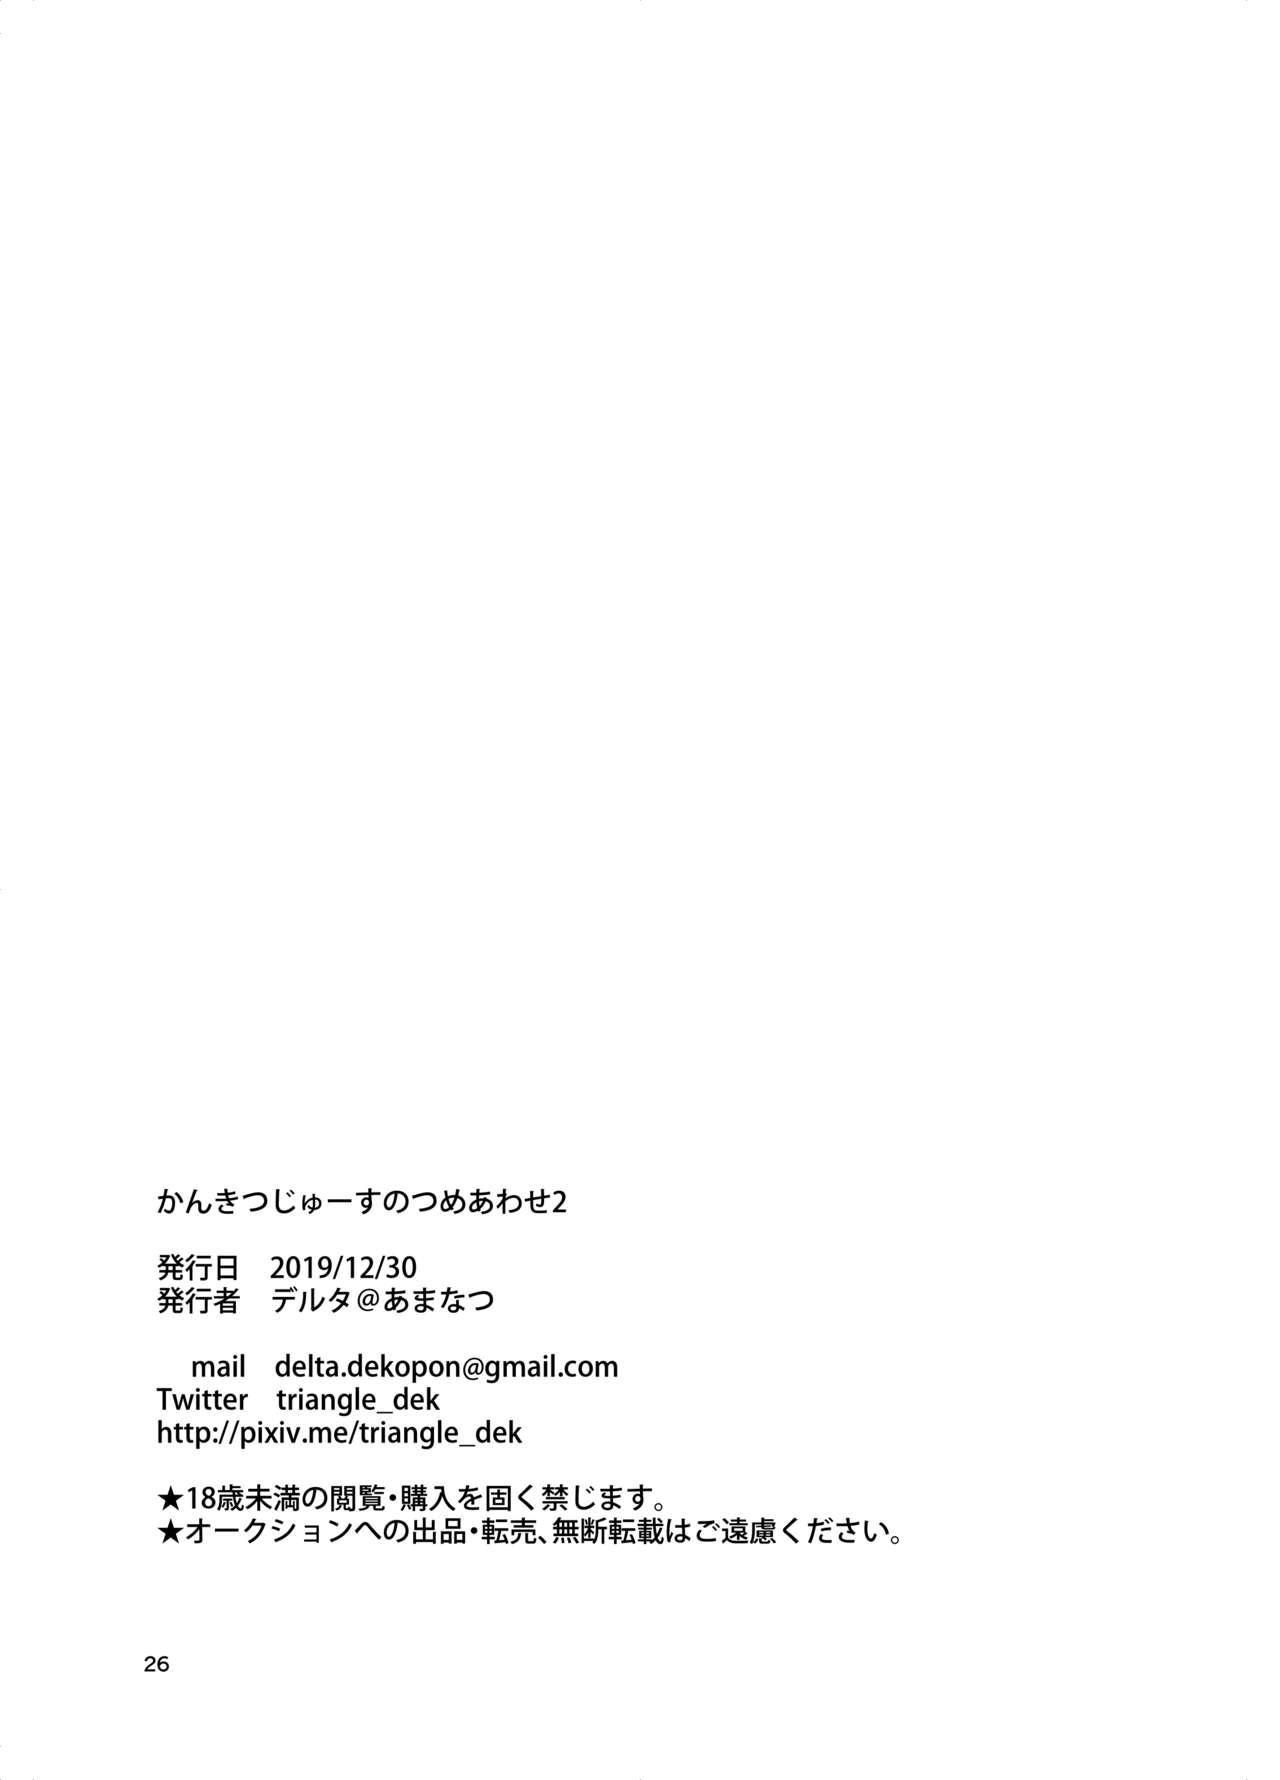 Kankitsu Juusu no Tsumeawase 2 24